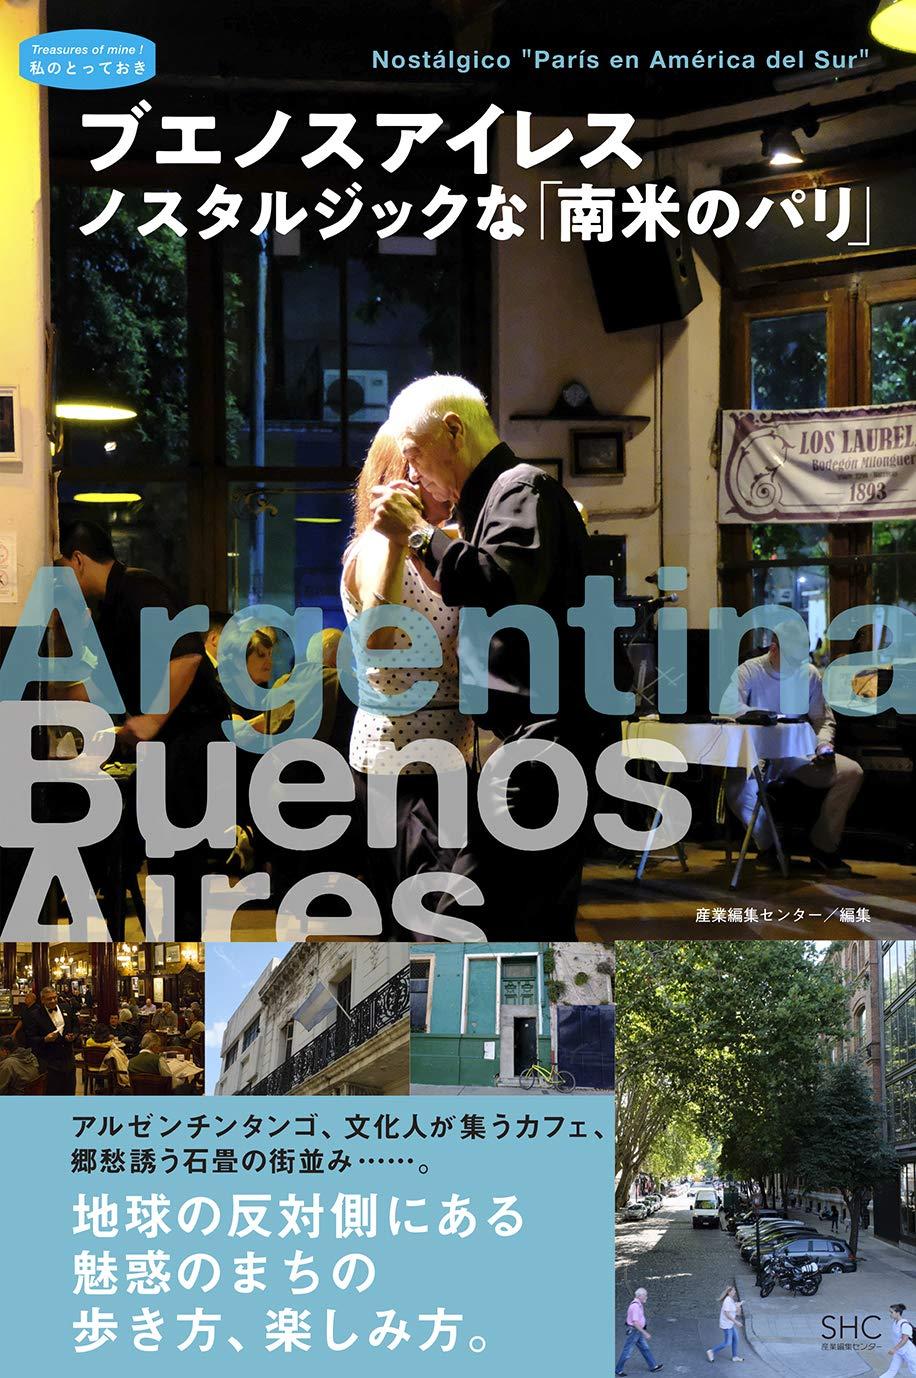 首都 アルゼンチン